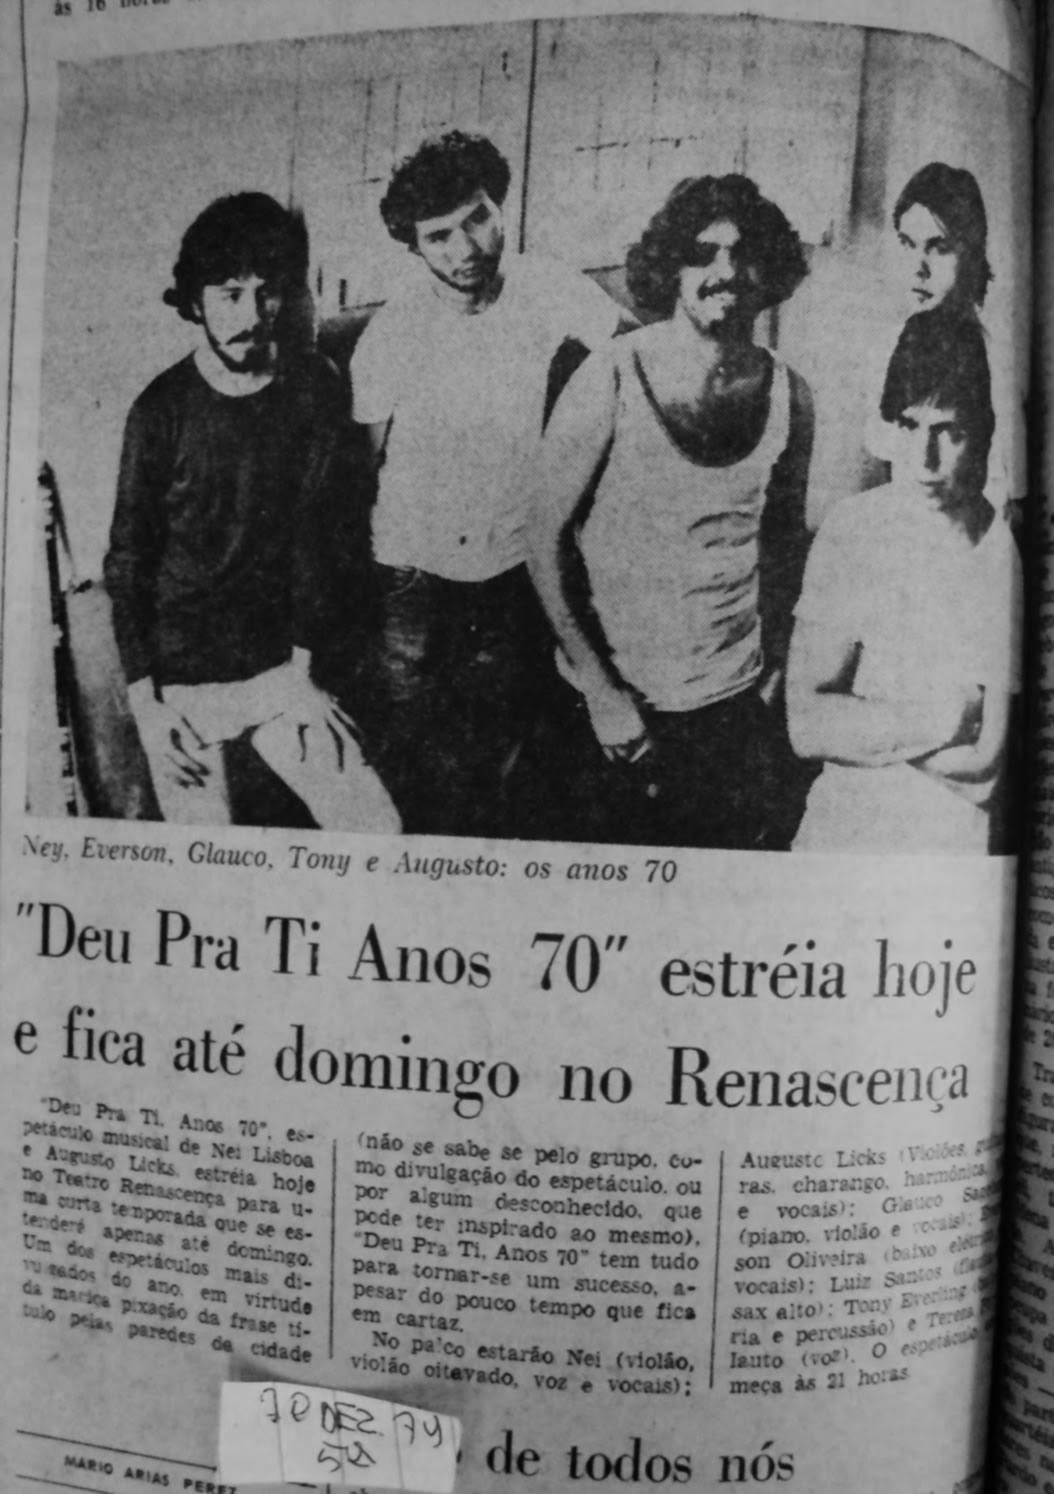 [PRESS] 'Deu Pra Ti Anos 70' estreia hoje e fica até domingo no Renascença.